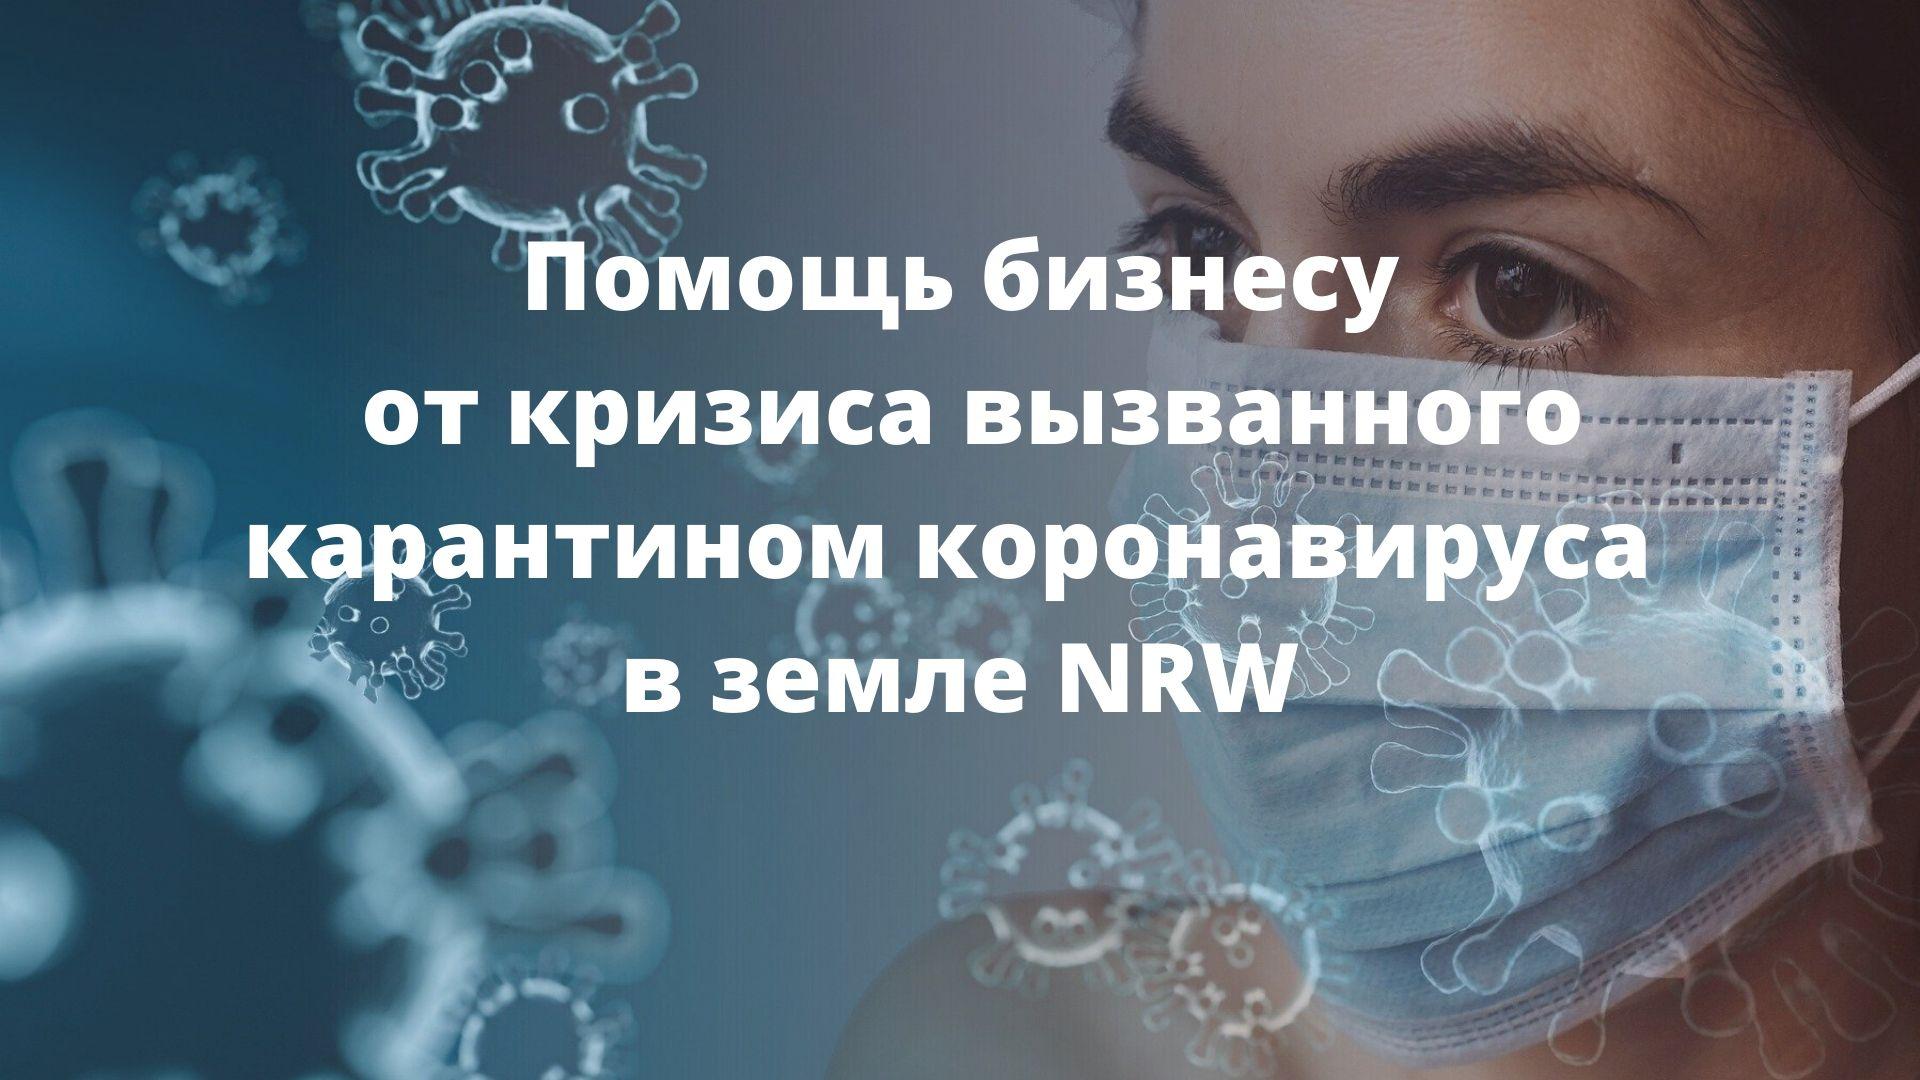 Помощь бизнесу от кризиса вызванного карантином коронавируса в земле NRW